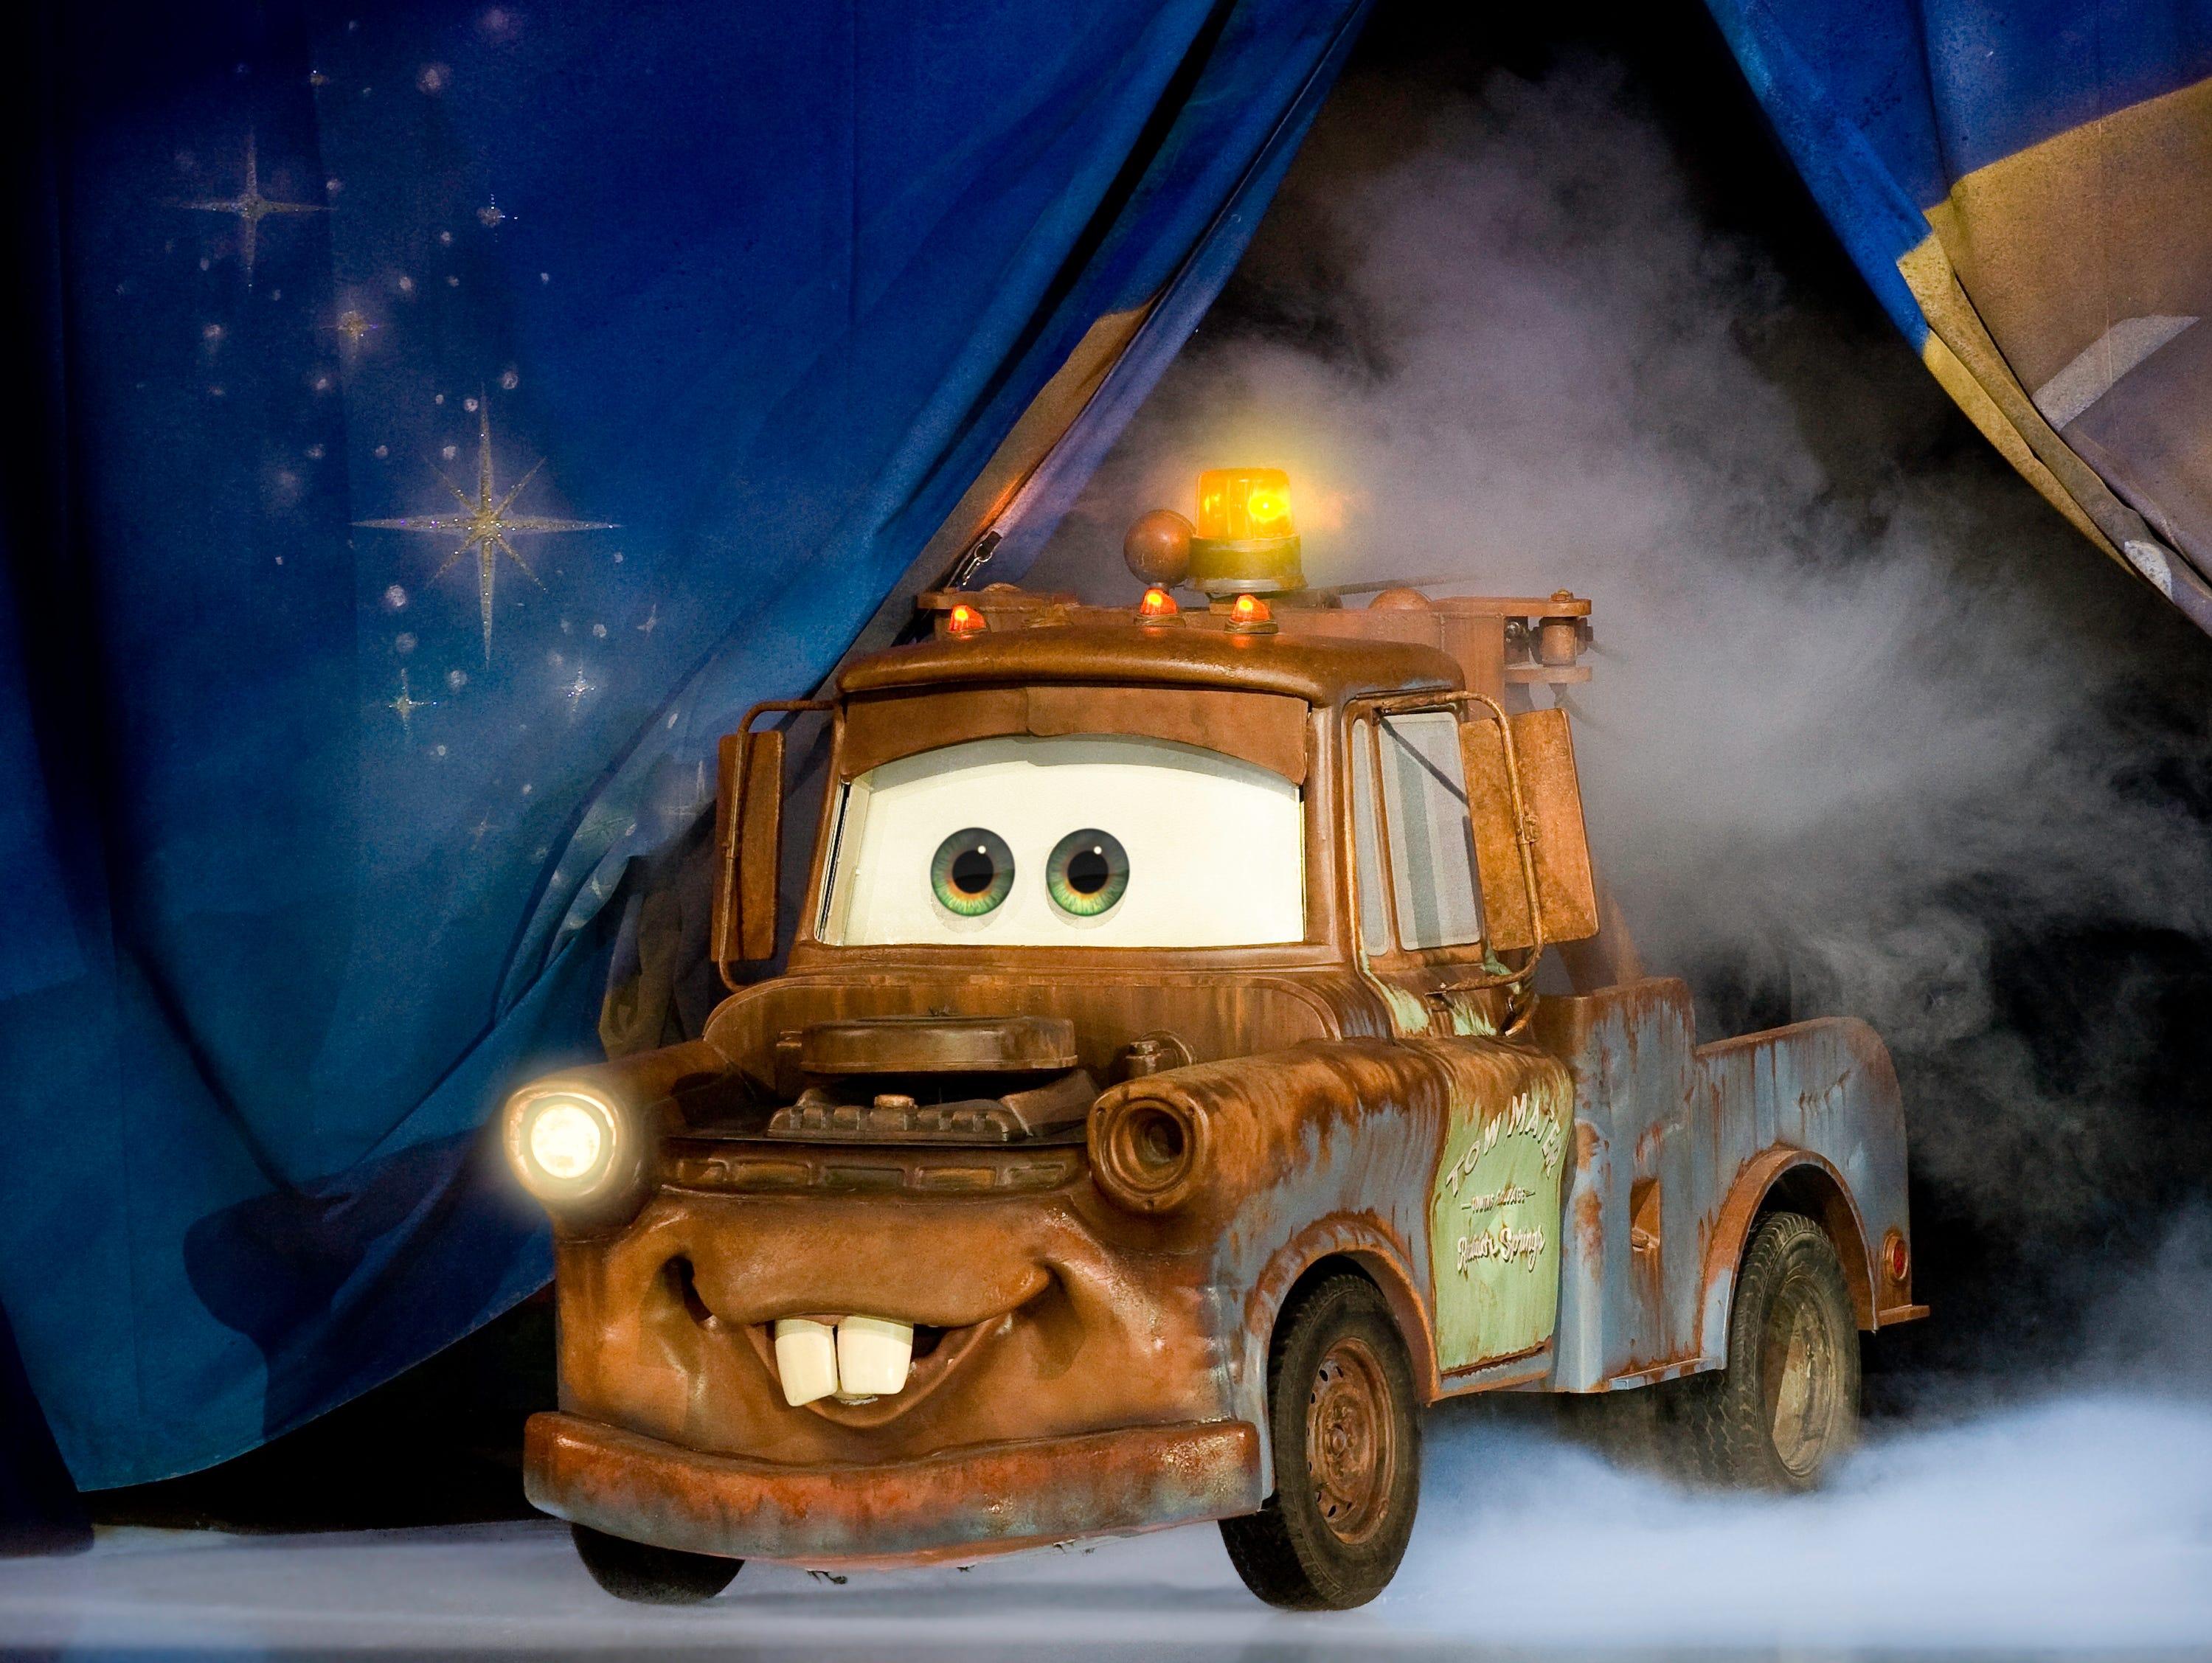 Emociónate con maniobras a toda velocidad y diversión de alto octanaje durante la carrera sobre la pista de hielo de Lightning McQueen, Mater y el equipo de Cars de Disney•Pixar.